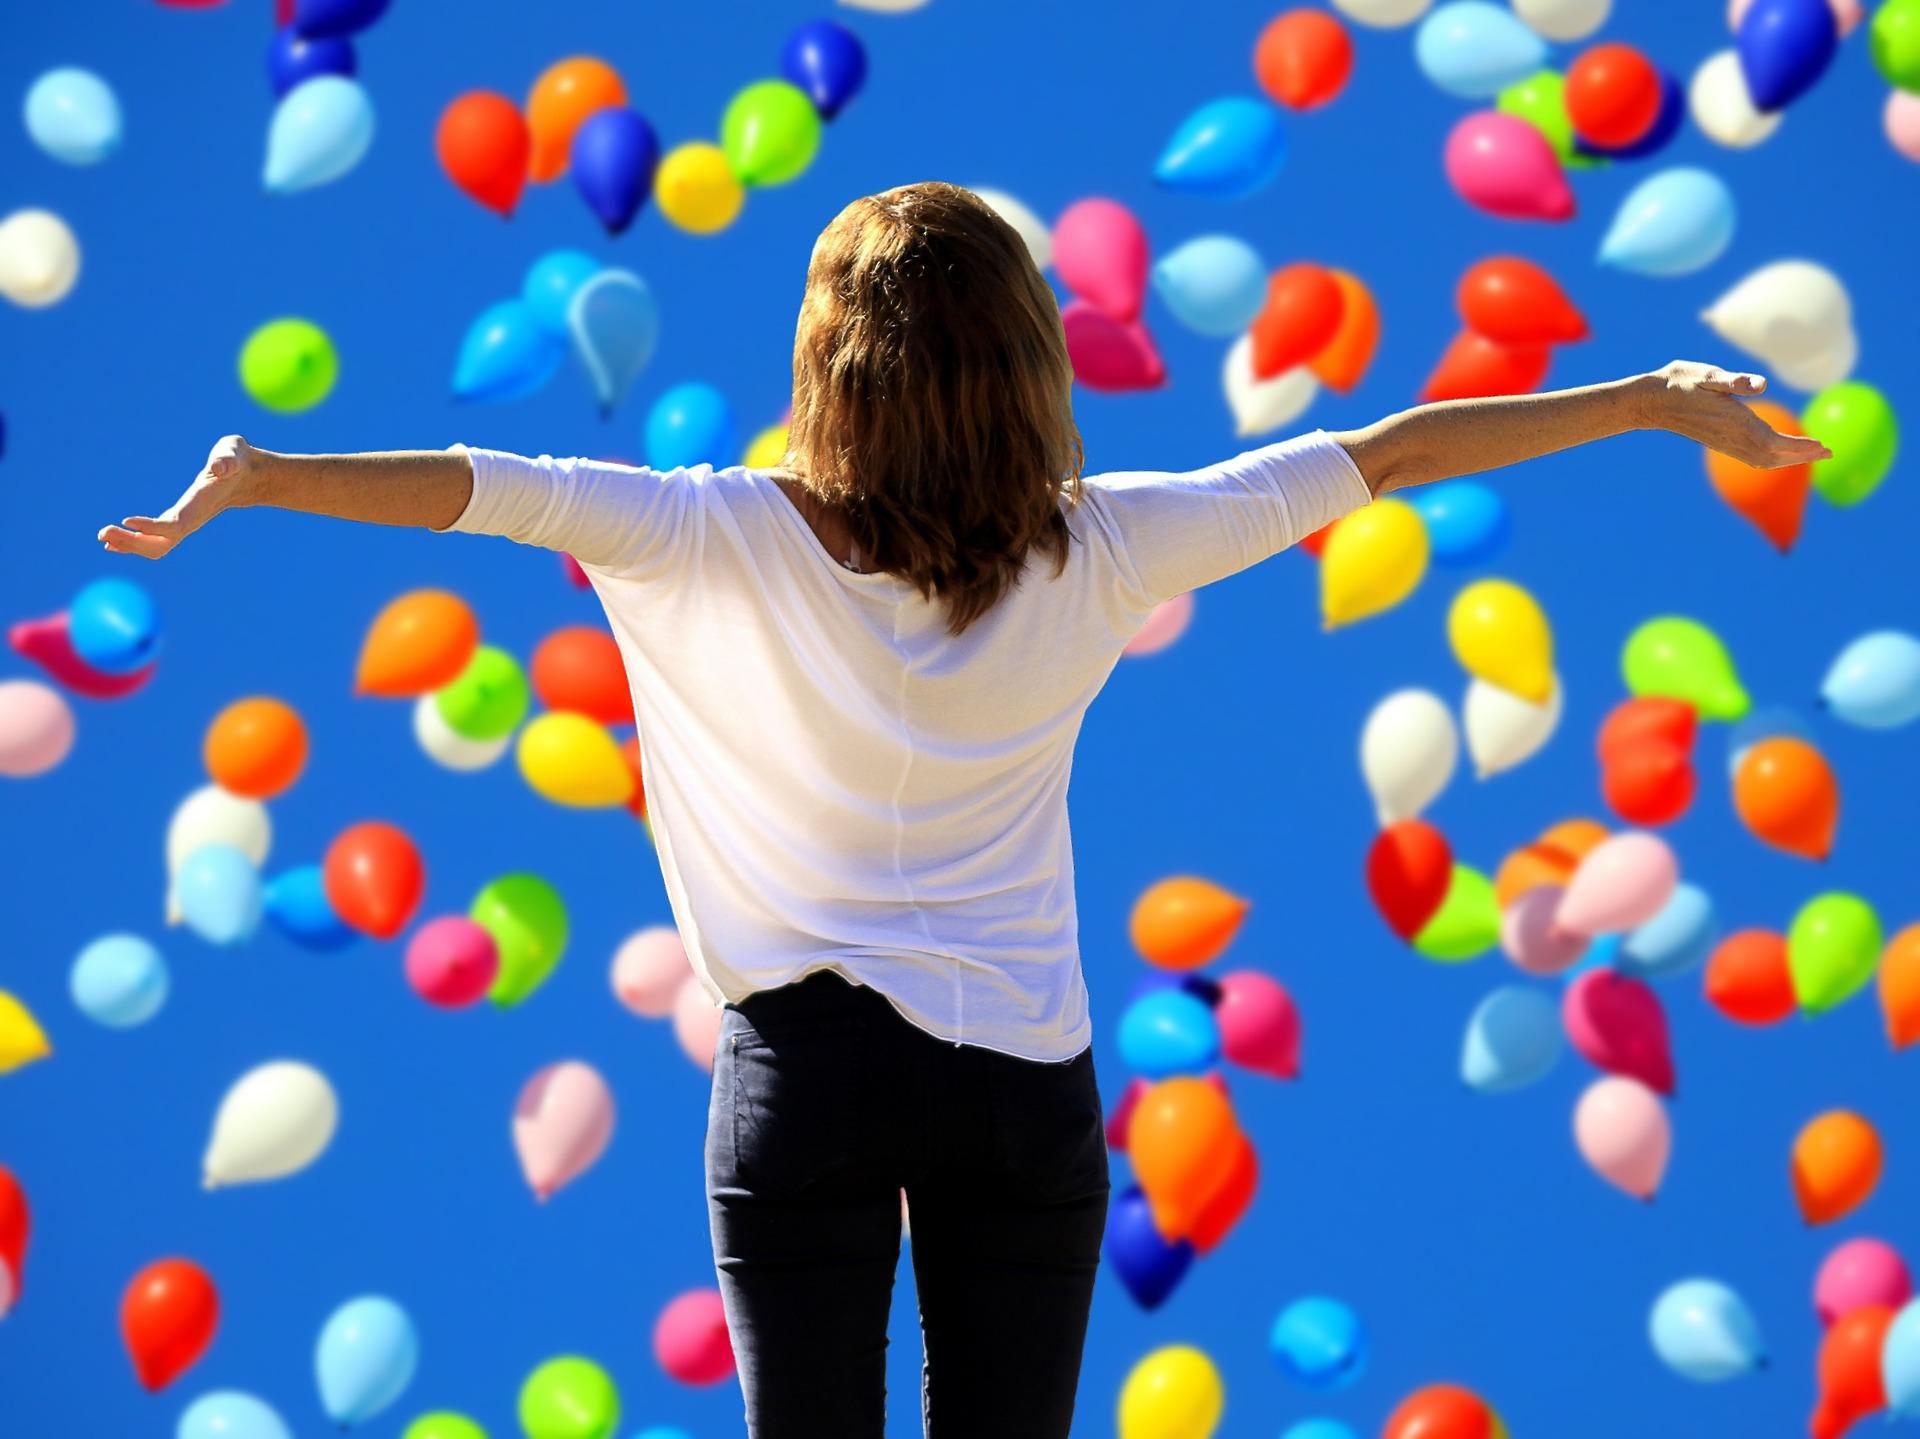 Warto pamiętać, że przy kreatywnych zawodach i przy tworzących pracownikach nie sprawdza się mikrozarządzanie. (fot. pixabay.com)